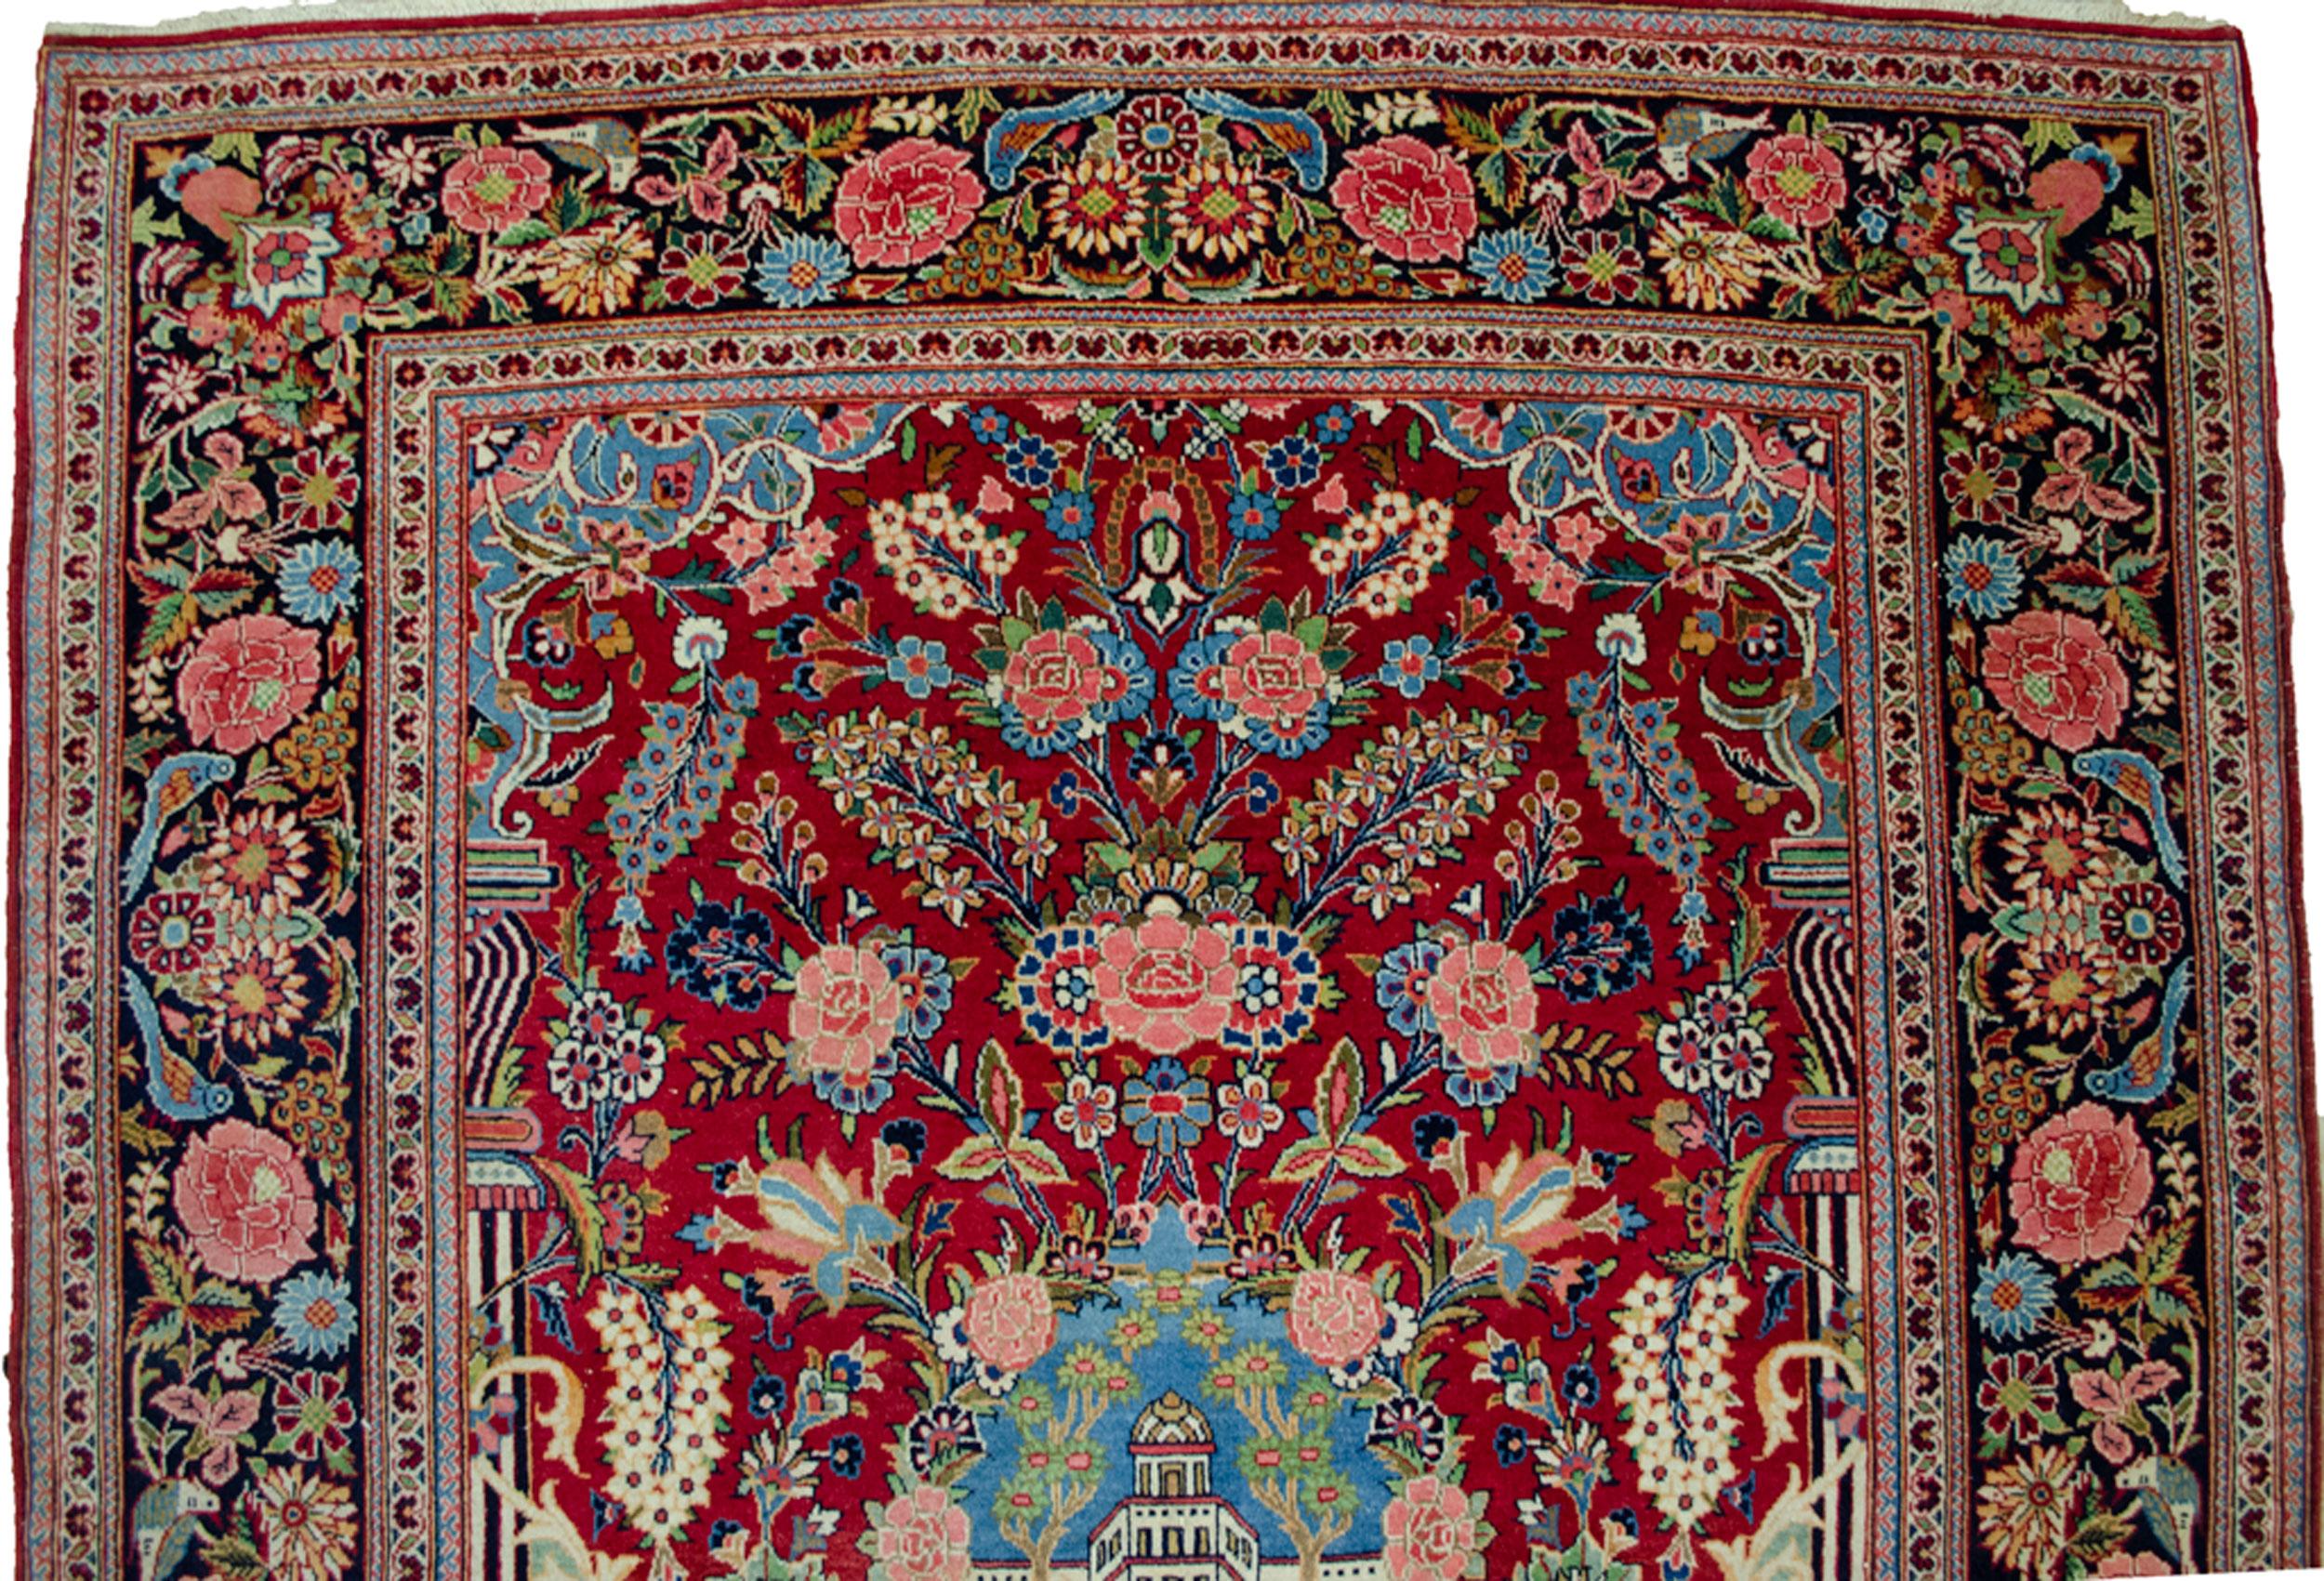 Antique Kashan Rug 206x135cm